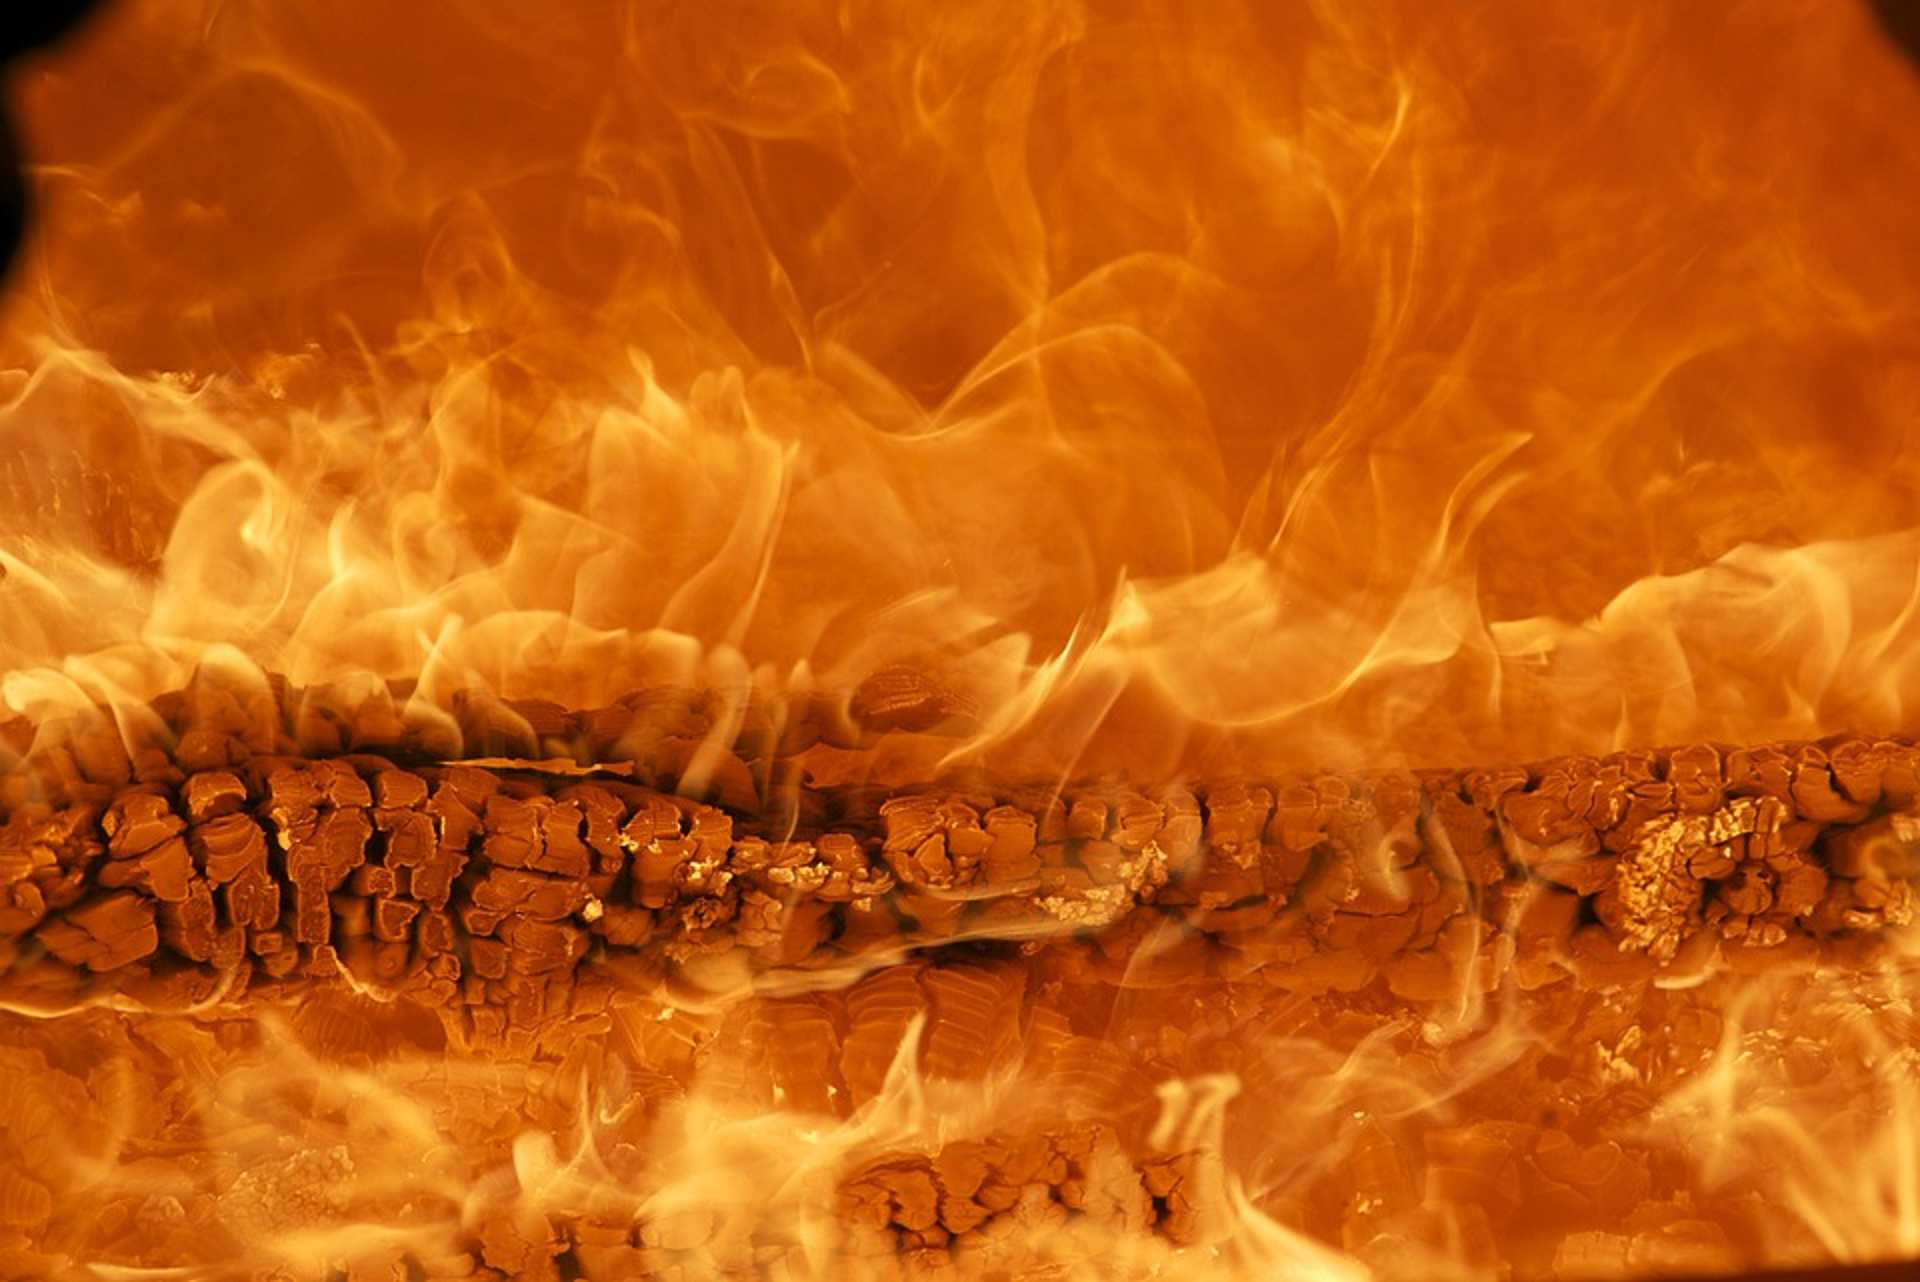 Fire, Wood Fire, Flame, Burn, Brand, Embers, Glow, Heat